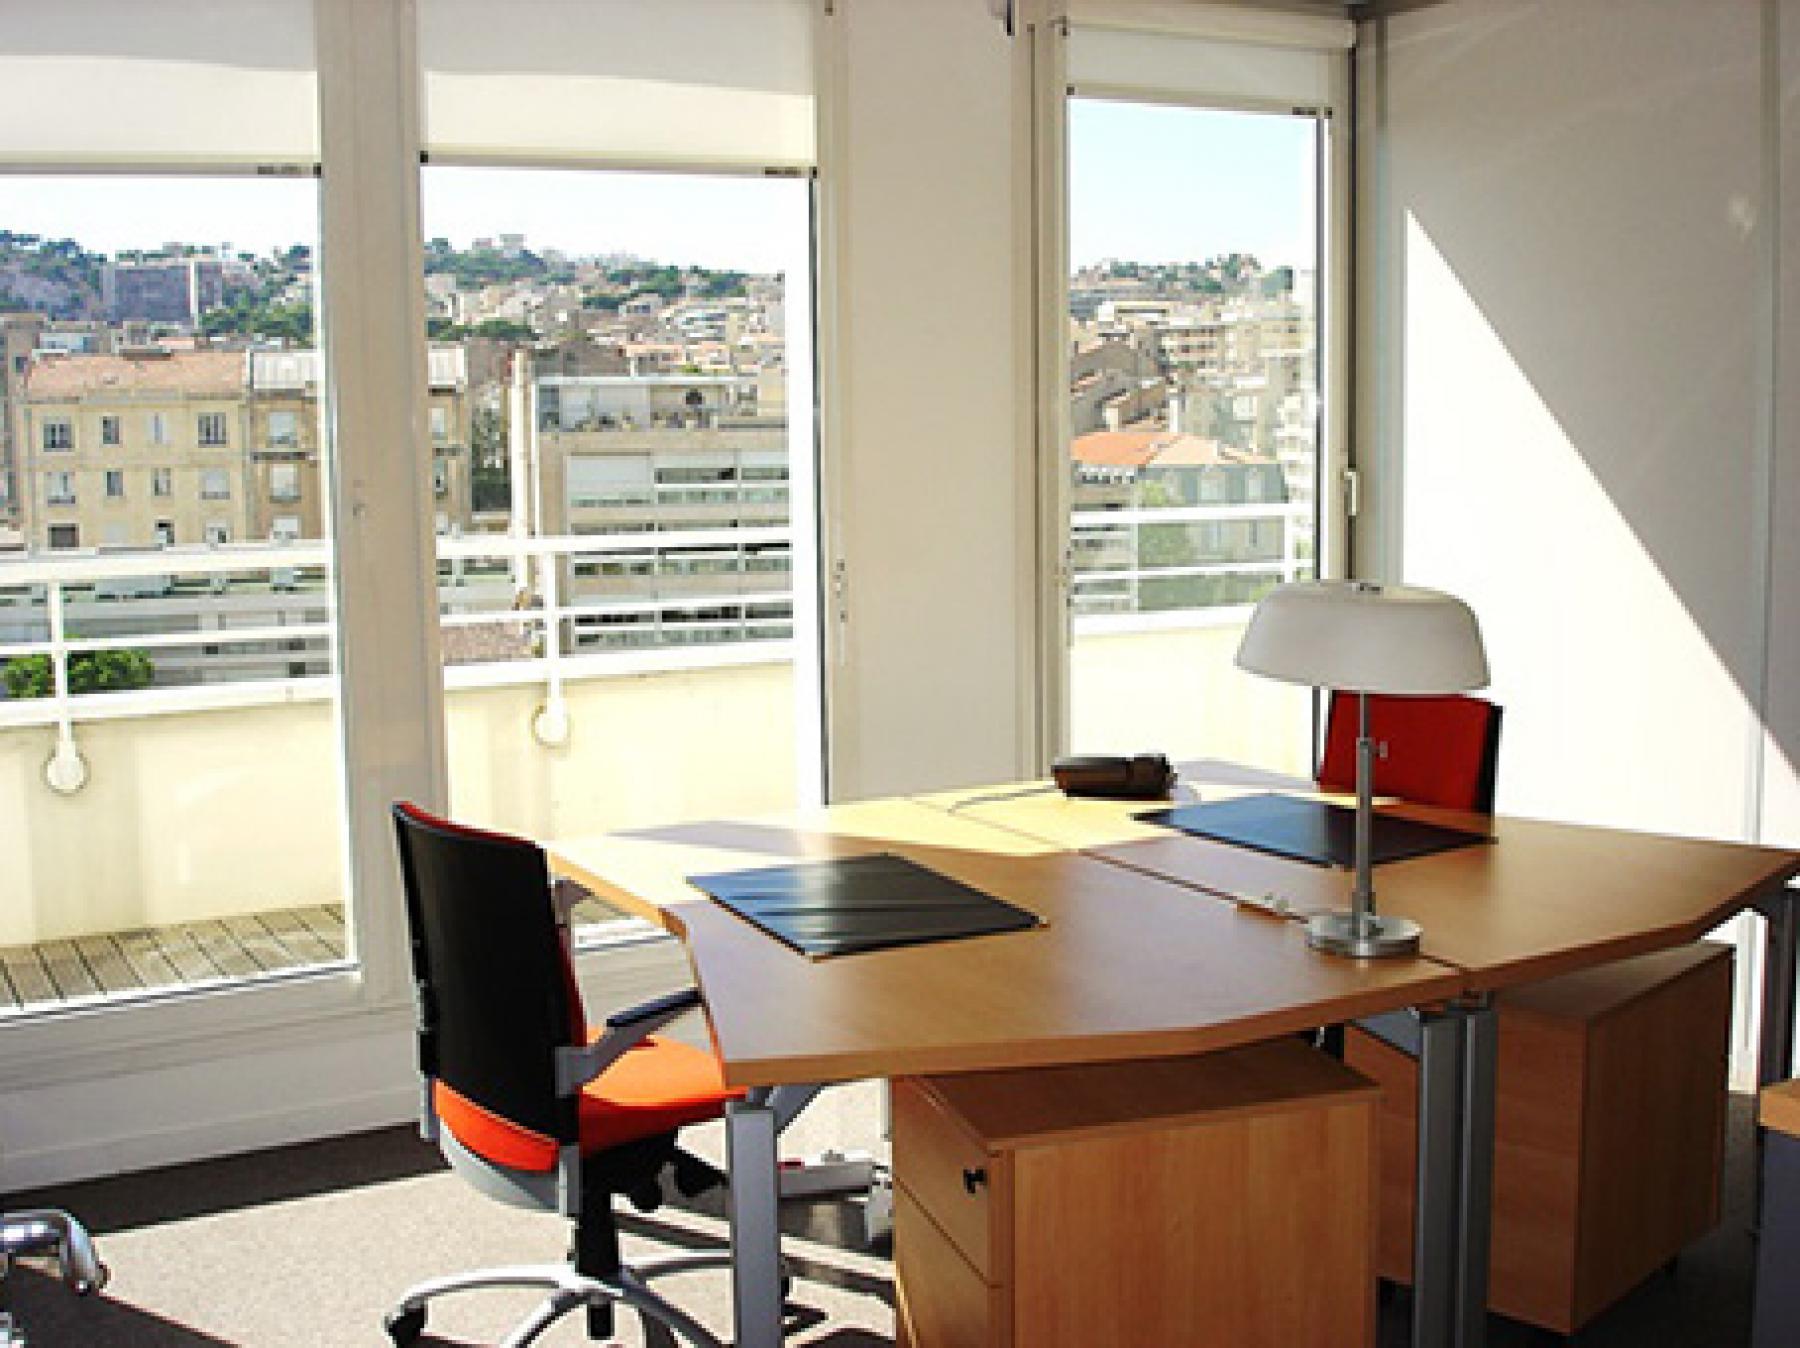 Cet espace de bureau vous offre un cadre de travail excellent à l'avenue du Prado